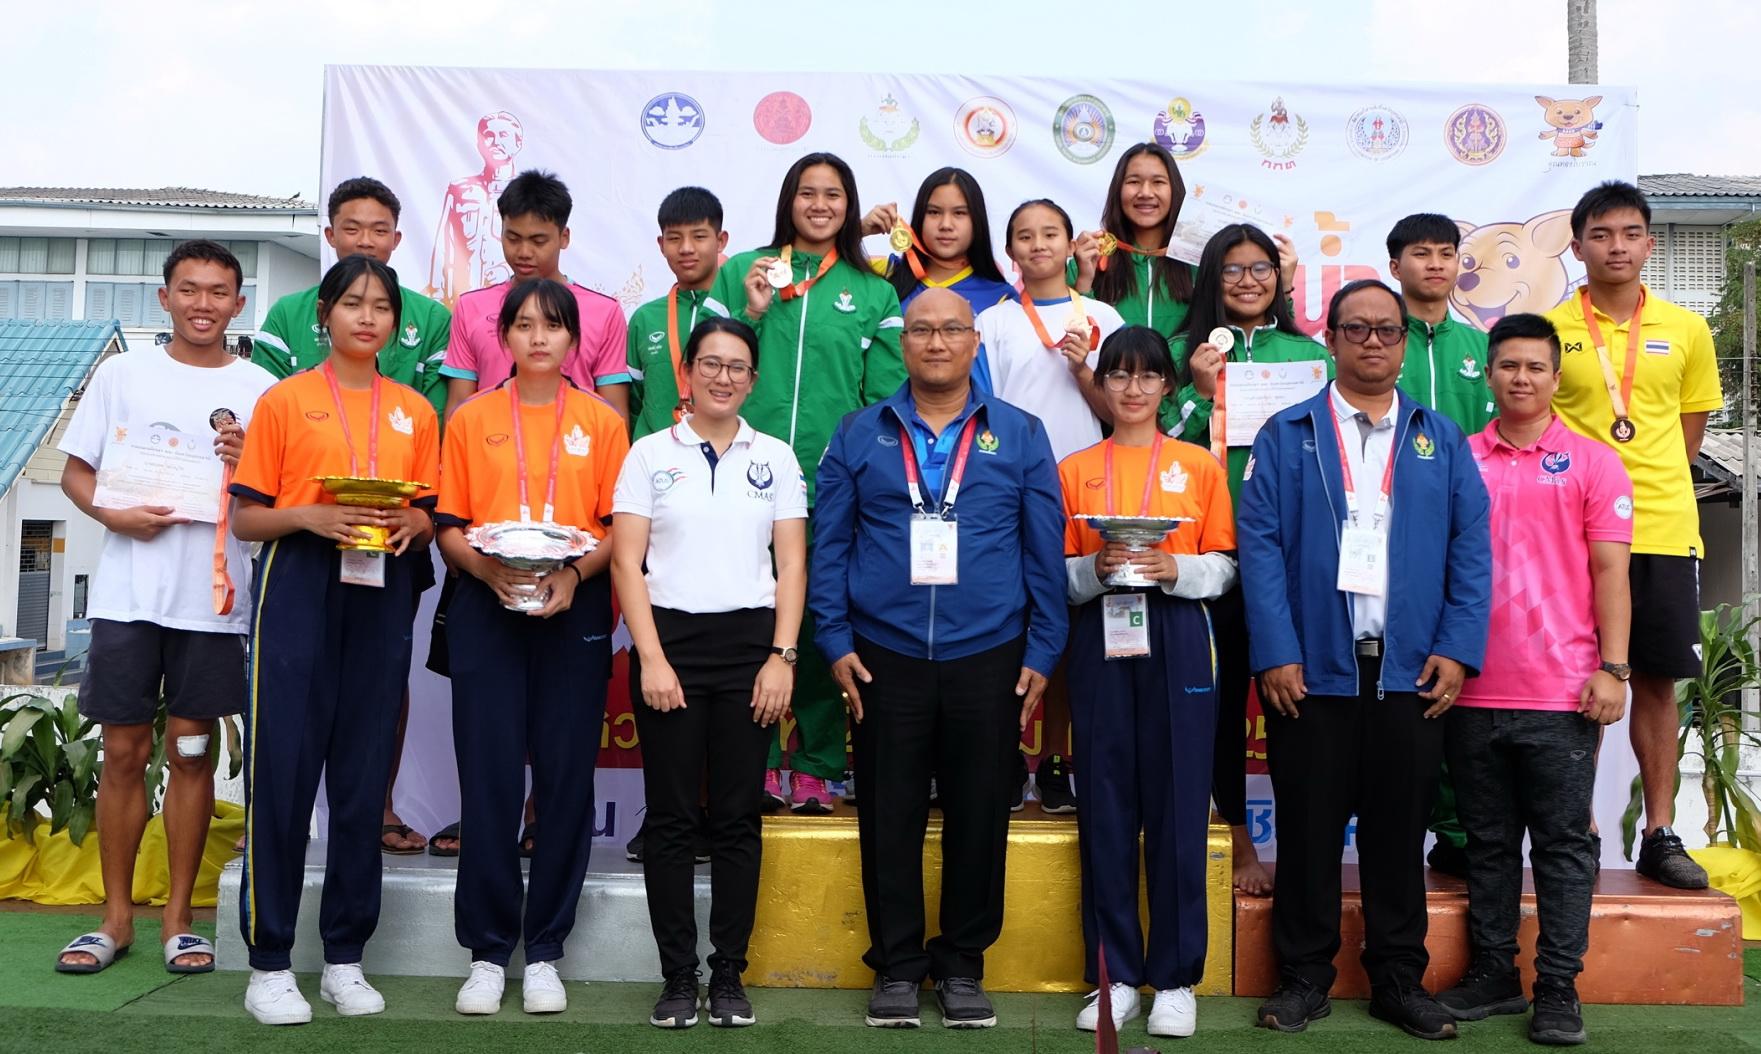 สมาคมกีฬาดำน้ำแห่งประเทศไทยจัดการแข่งขัน กีฬาดำน้ำฟินสวิมมิ่งเป็นกีฬาสาธิตในการแข่งขัน กีฬานักเรียนนักศึกษาแห่งชาติครั้งที่ 41